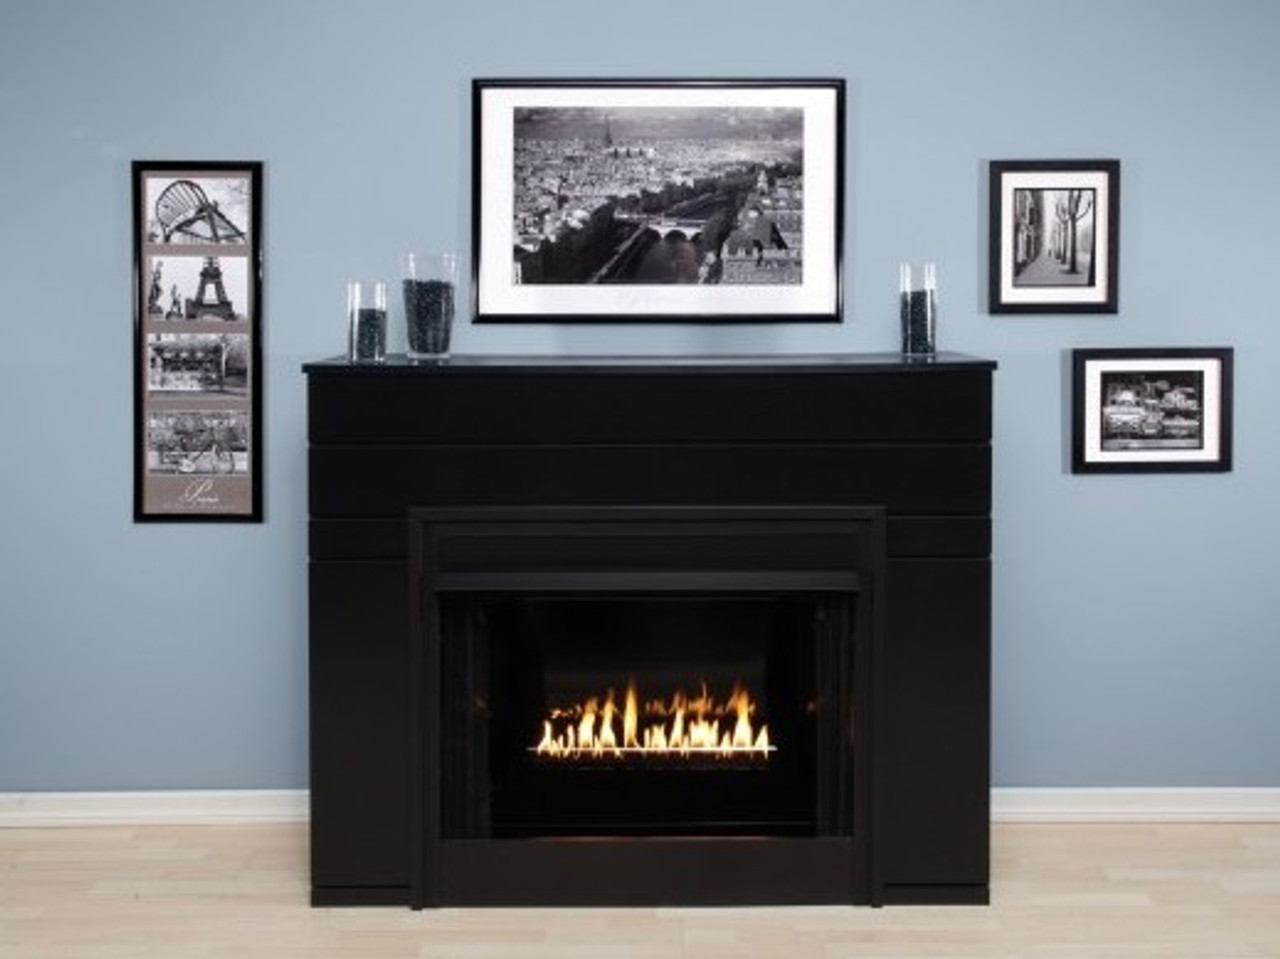 Empire Breckenridge Vent-Free Firebox Select 34 - VFS42FB0F